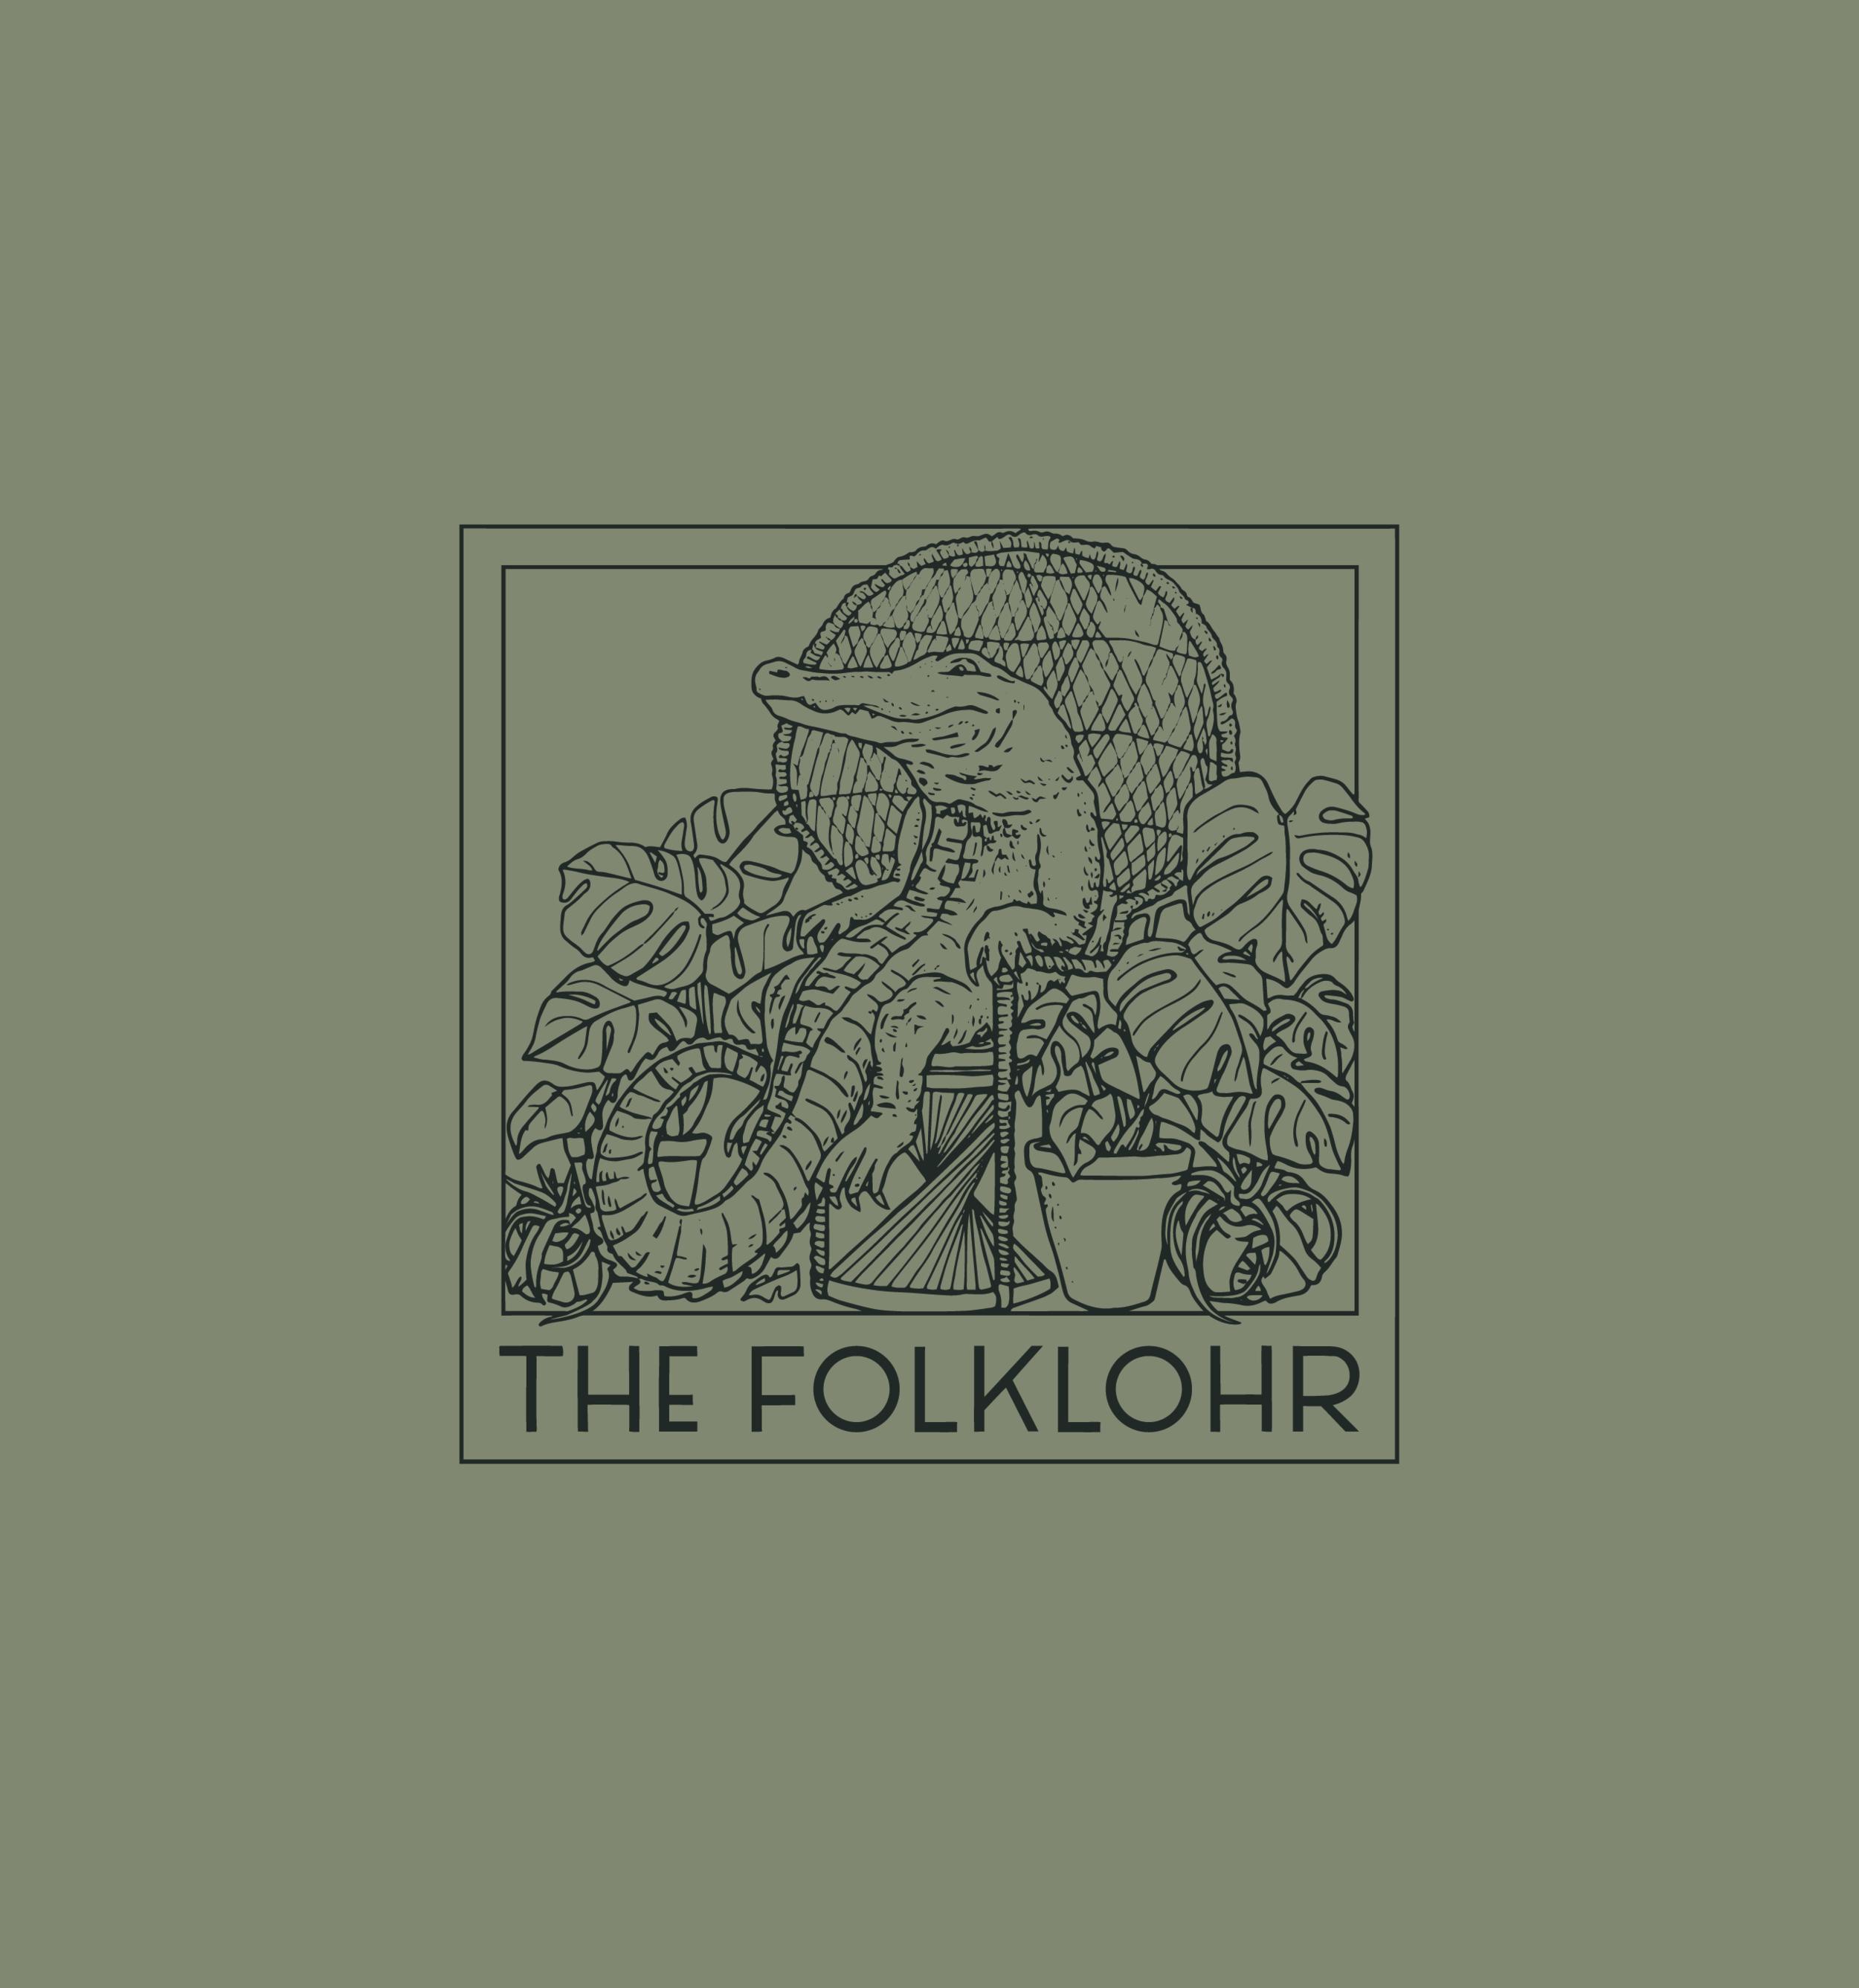 The Folklohr |Branding